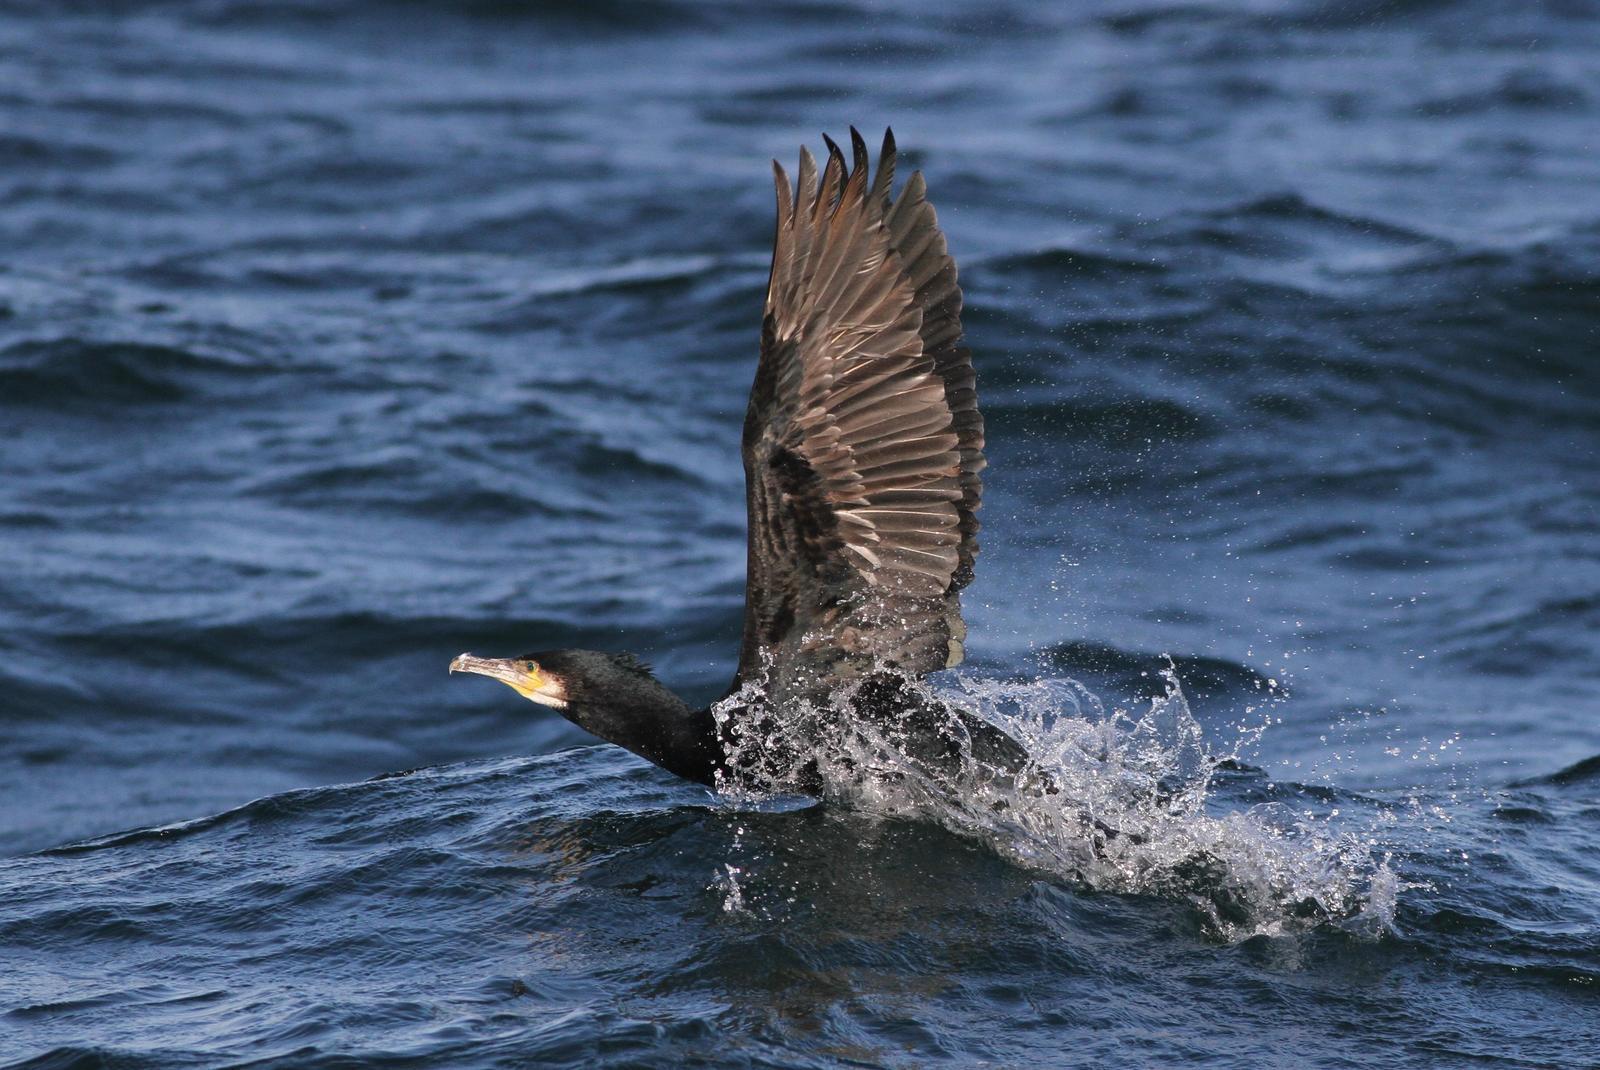 Great Cormorant Photo by Alex Lamoreaux